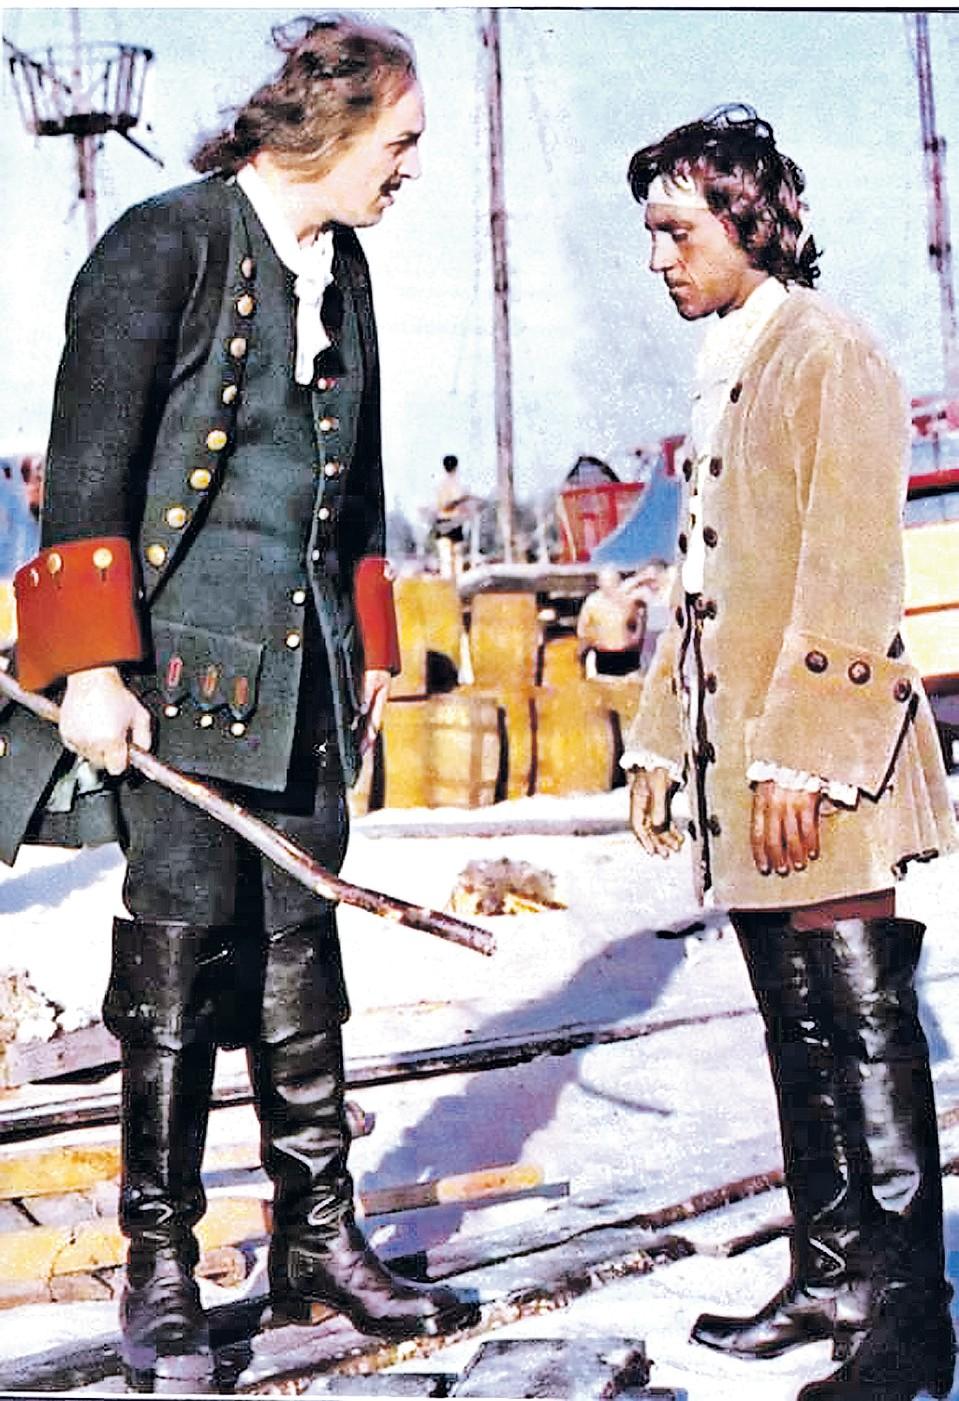 Ботфорты Высоцкий надел, когда играл в фильме «Сказ про то, как царь Петр арапа женил» (1976). А потом эта обувь досталась Харатьяну. Фото: Кадр из фильма